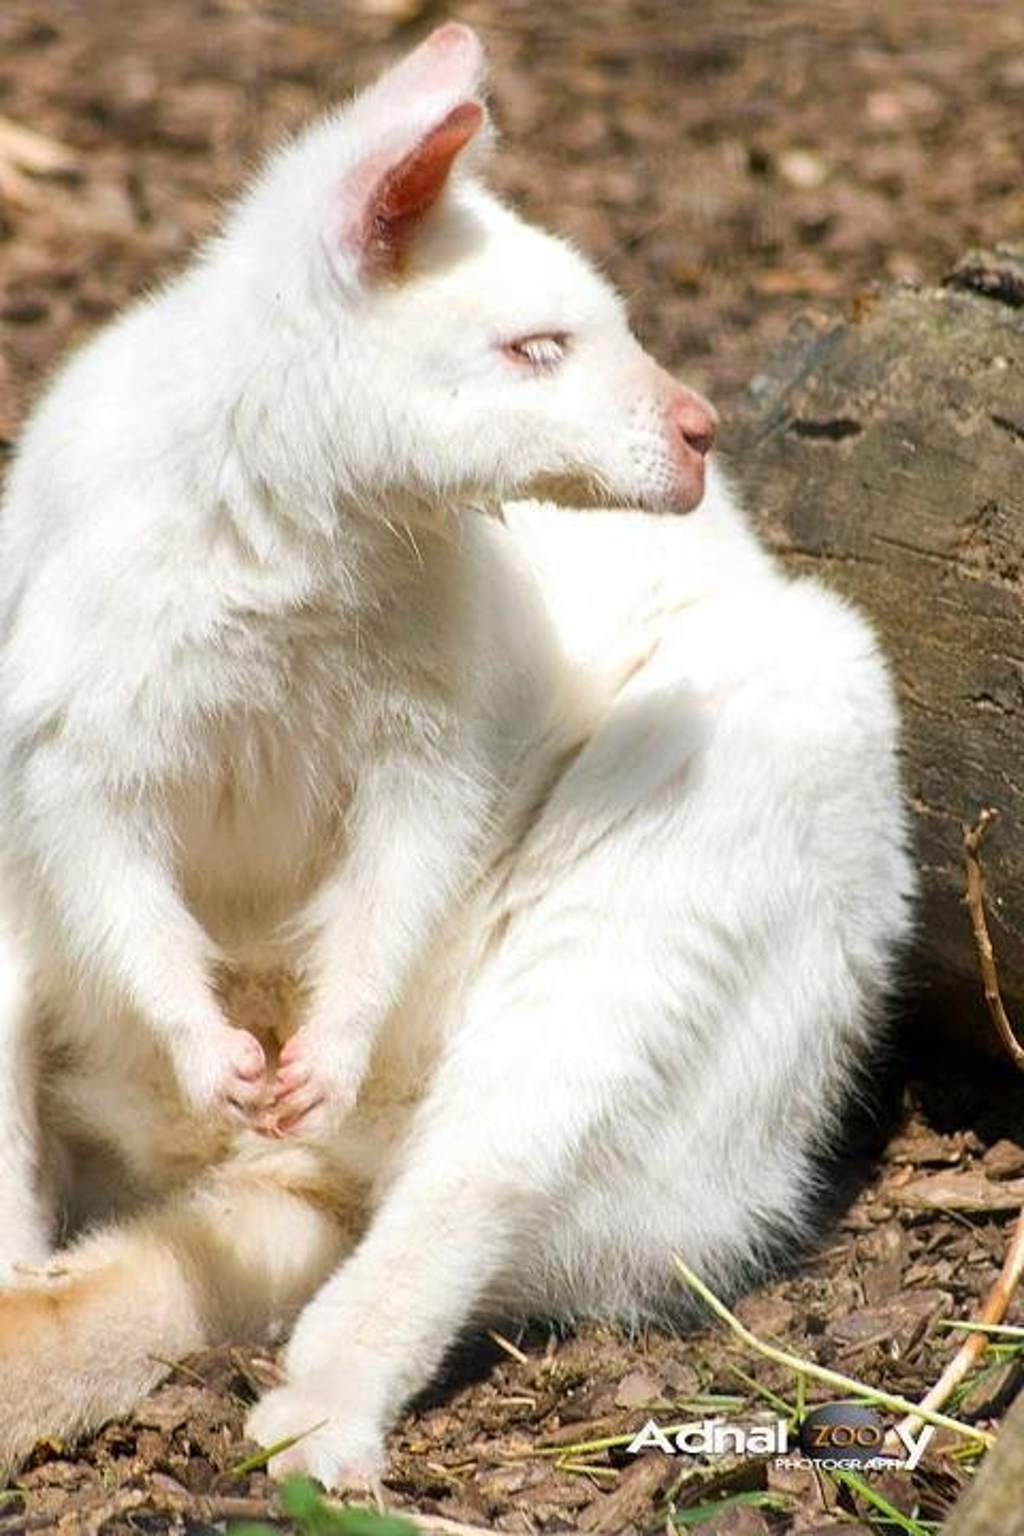 White kangaroo by yolanda